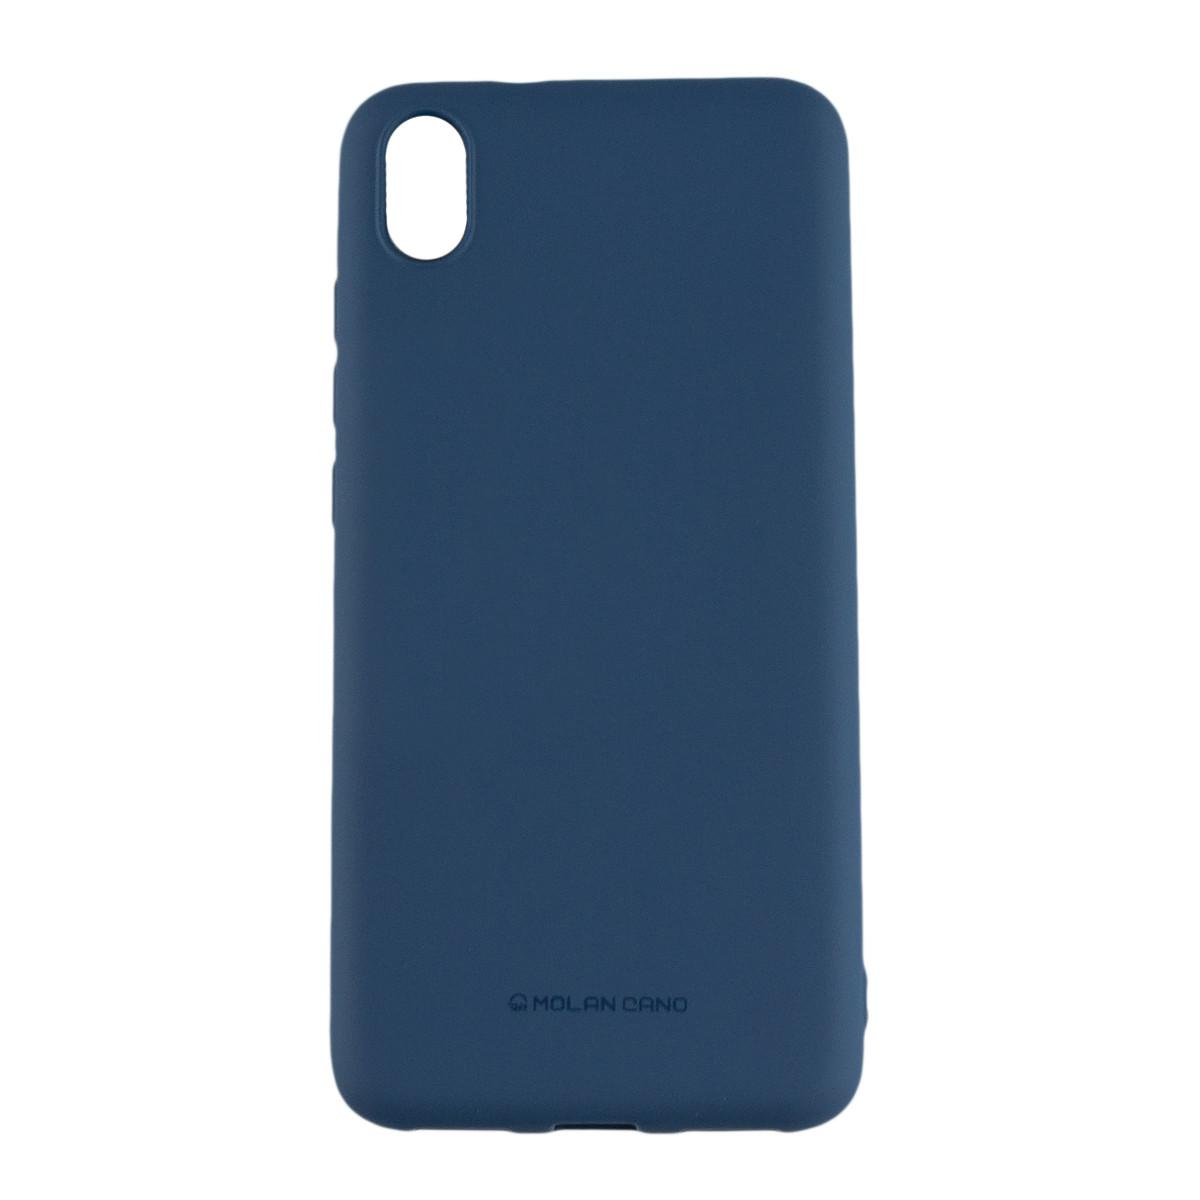 Оригинальный силиконовый чехол Molan Cano Jelly Case для Xiaomi Redmi 7A